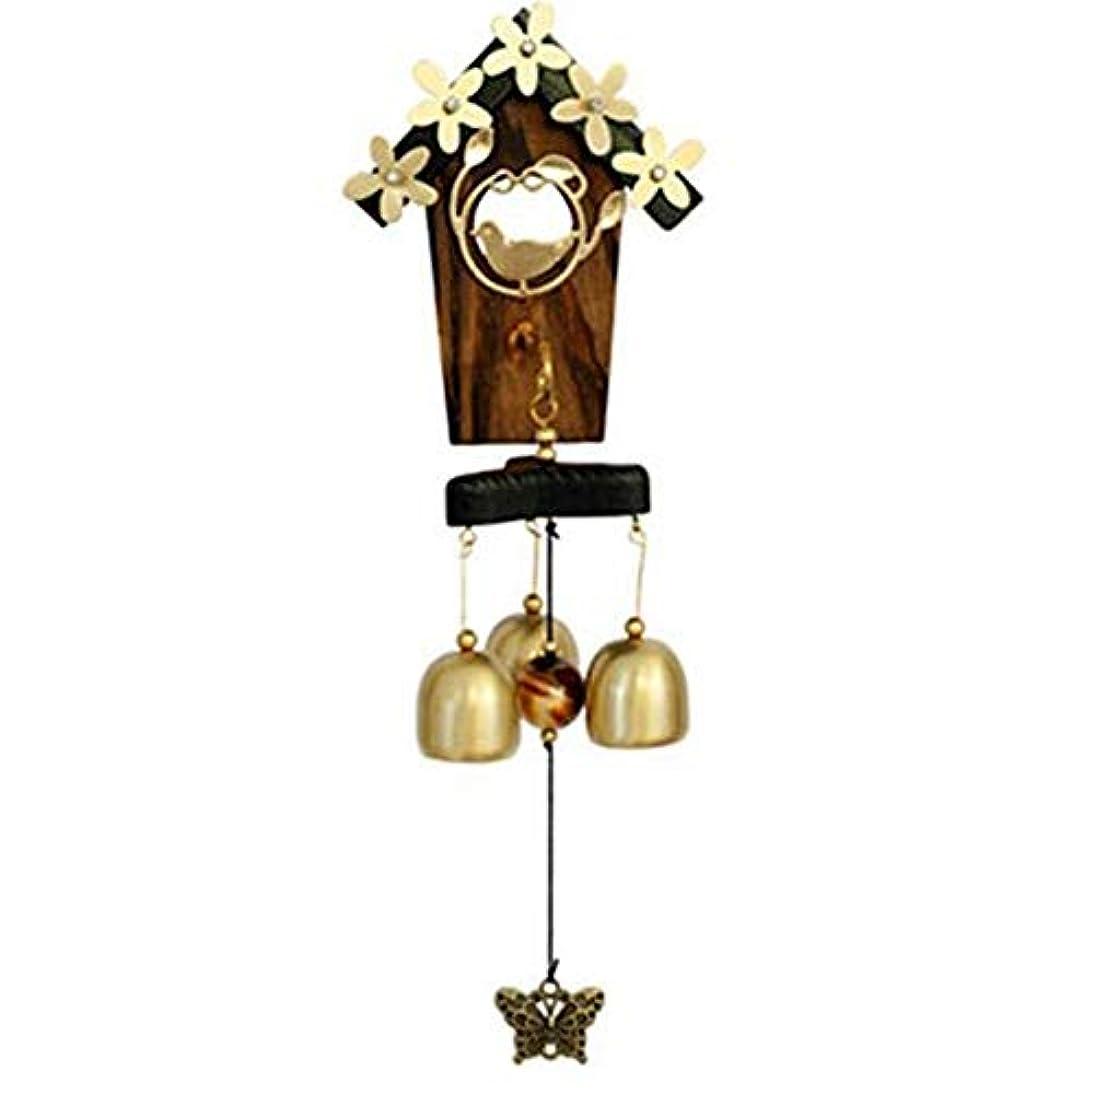 ボタンロデオ毎日Fengshangshanghang 風チャイム、メタルホームデコレーション風チャイム、ゴールド、サイズ35CM,家の装飾